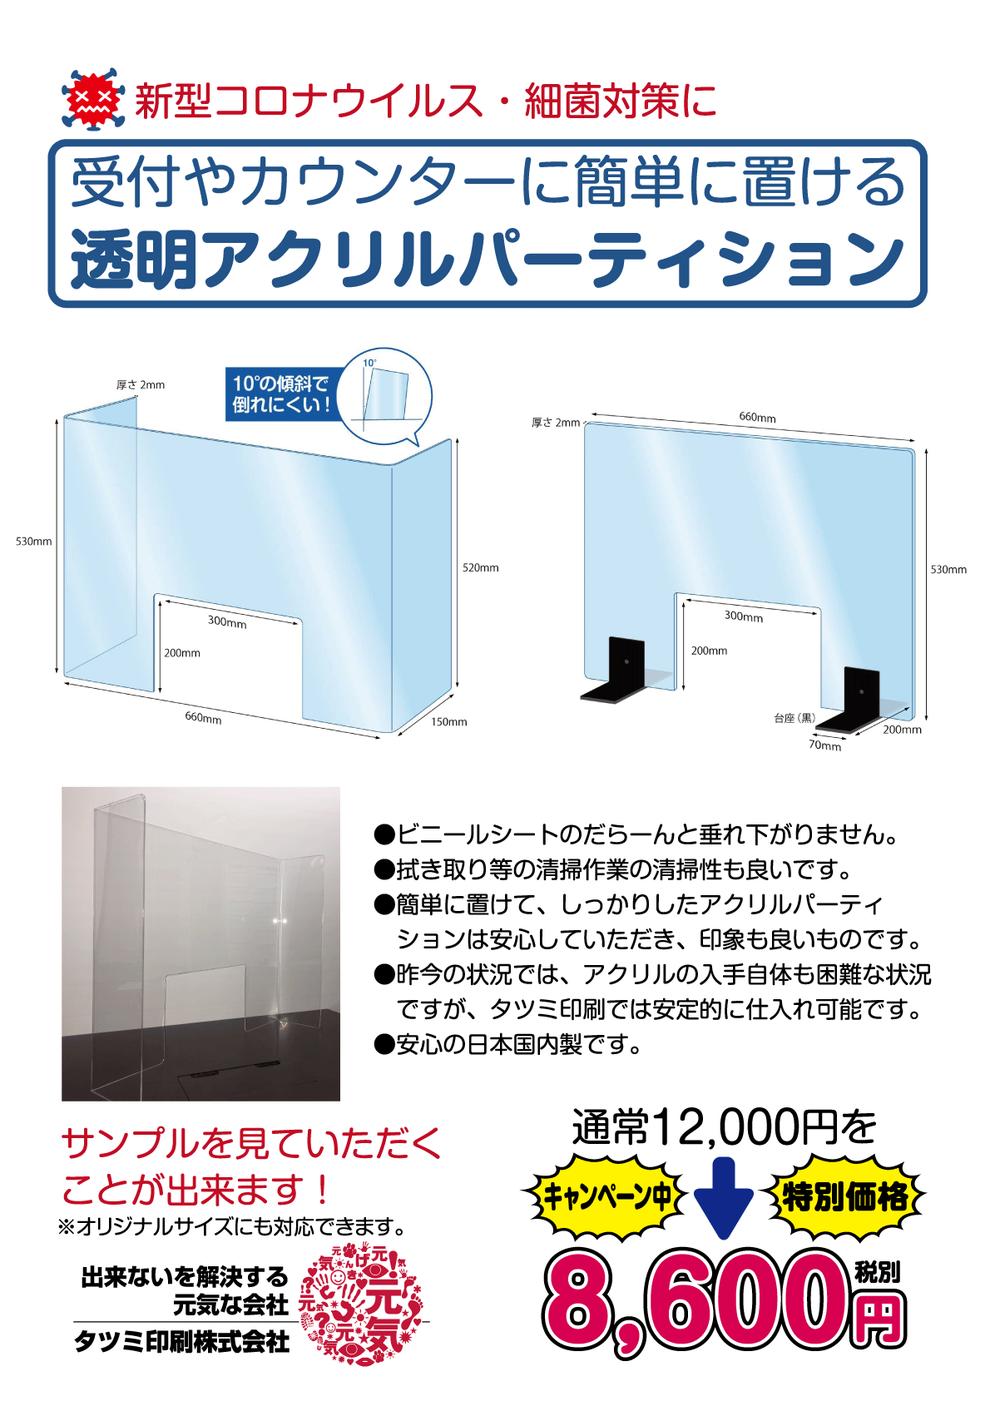 透明アクリルパーテーションが低価格でご提供可能です!